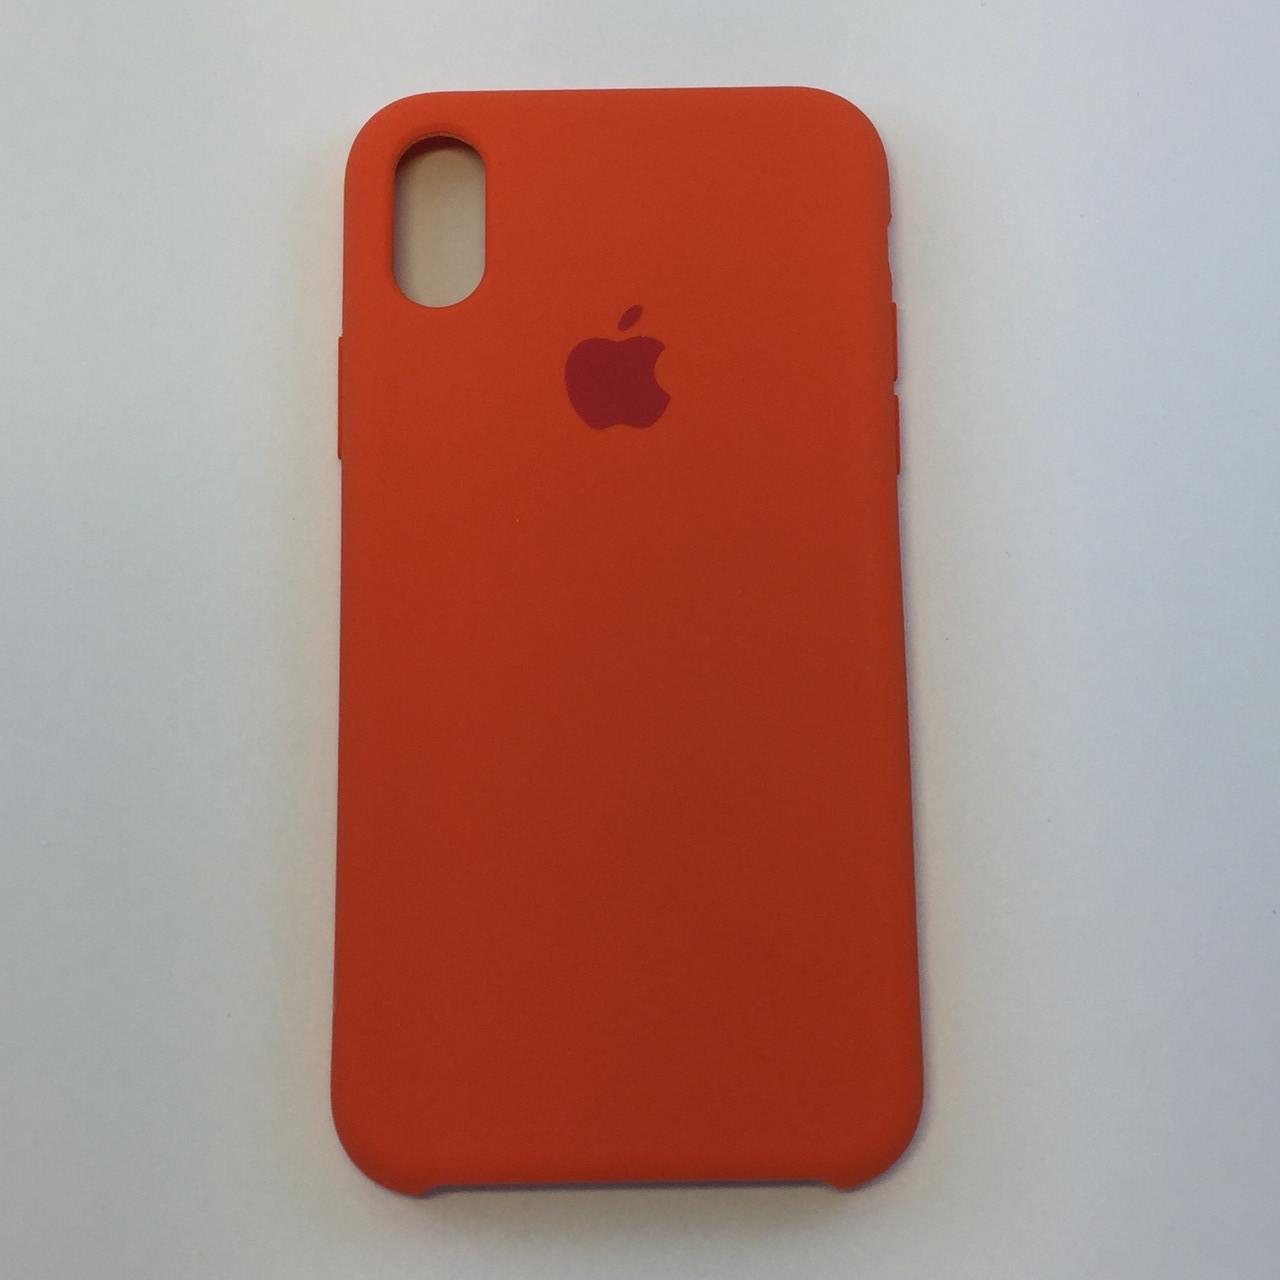 Силиконовый чехол для iPhone X, - «оранжевое настроение» - copy original